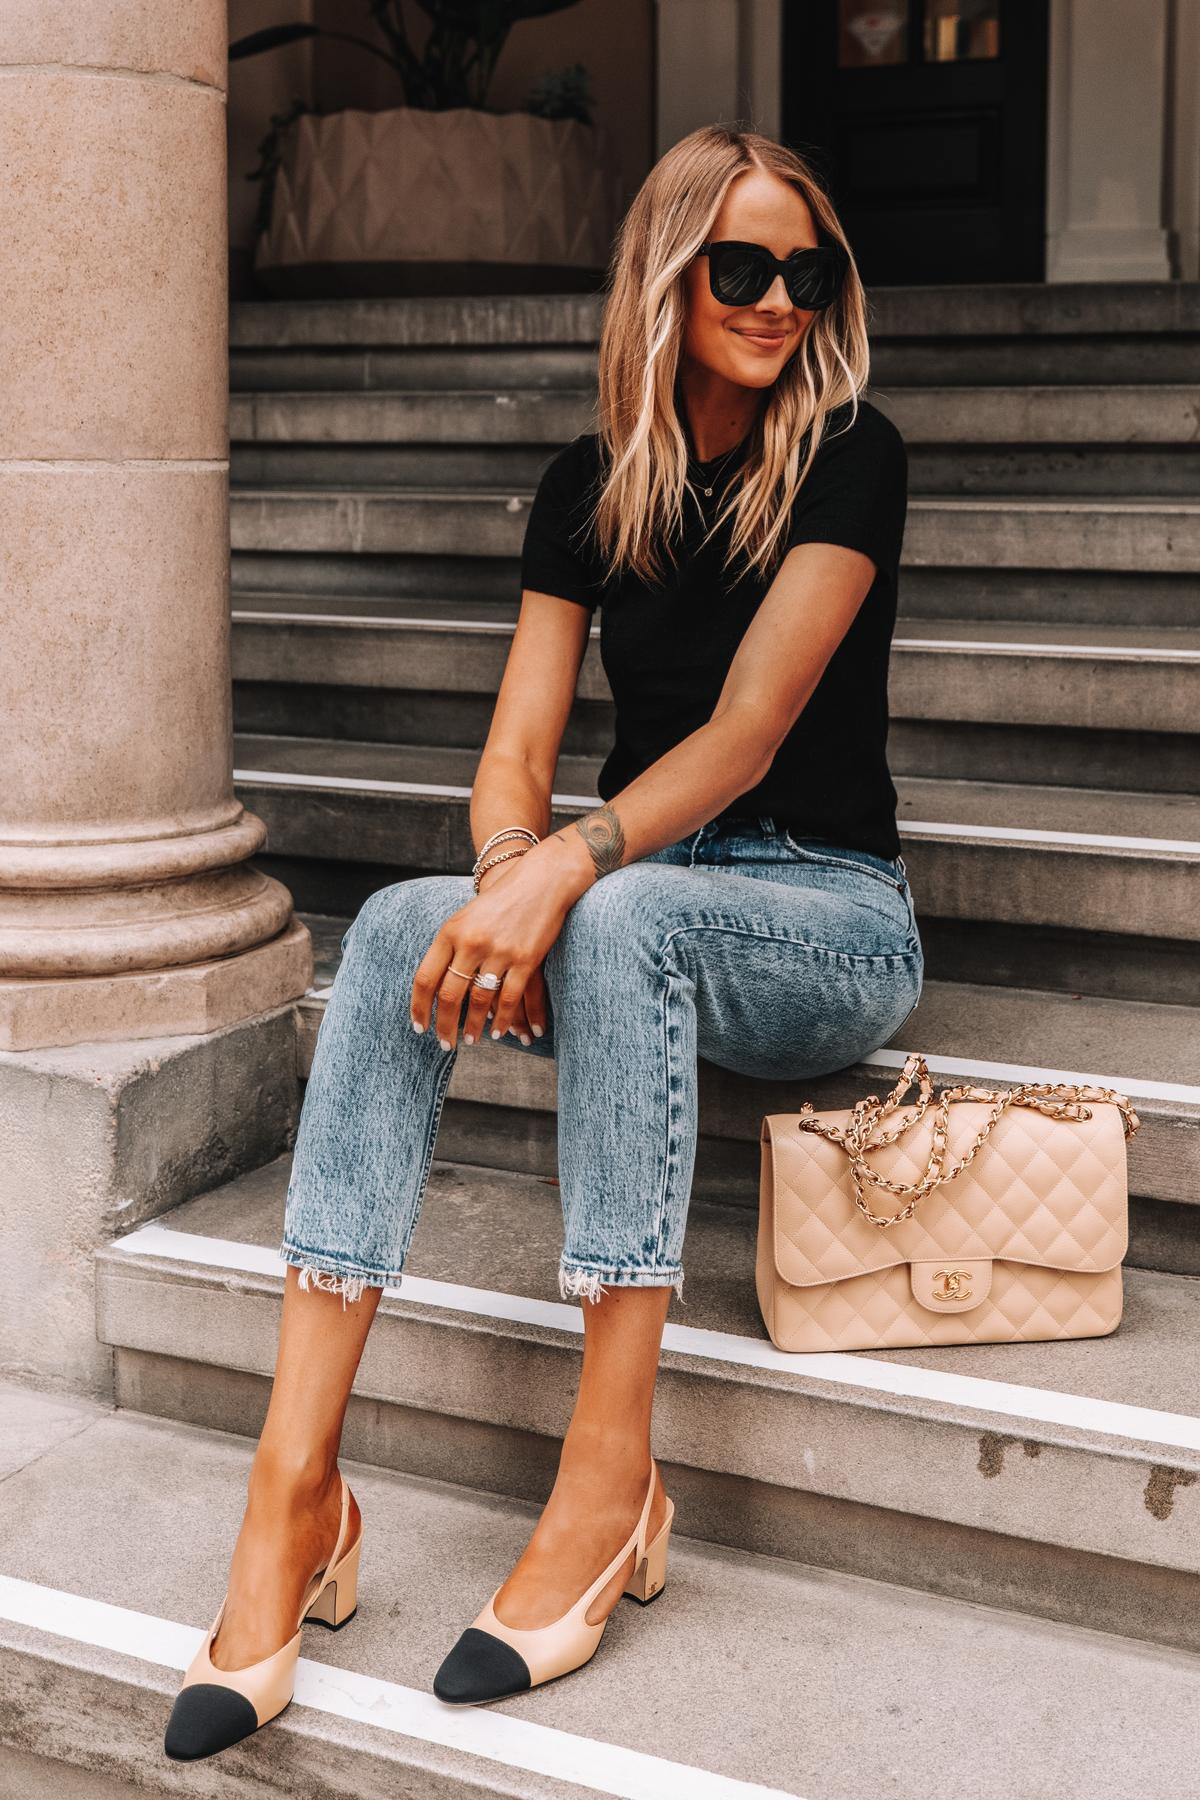 giày cao gót slingback Chanel phụ kiện thời trang tuổi 30